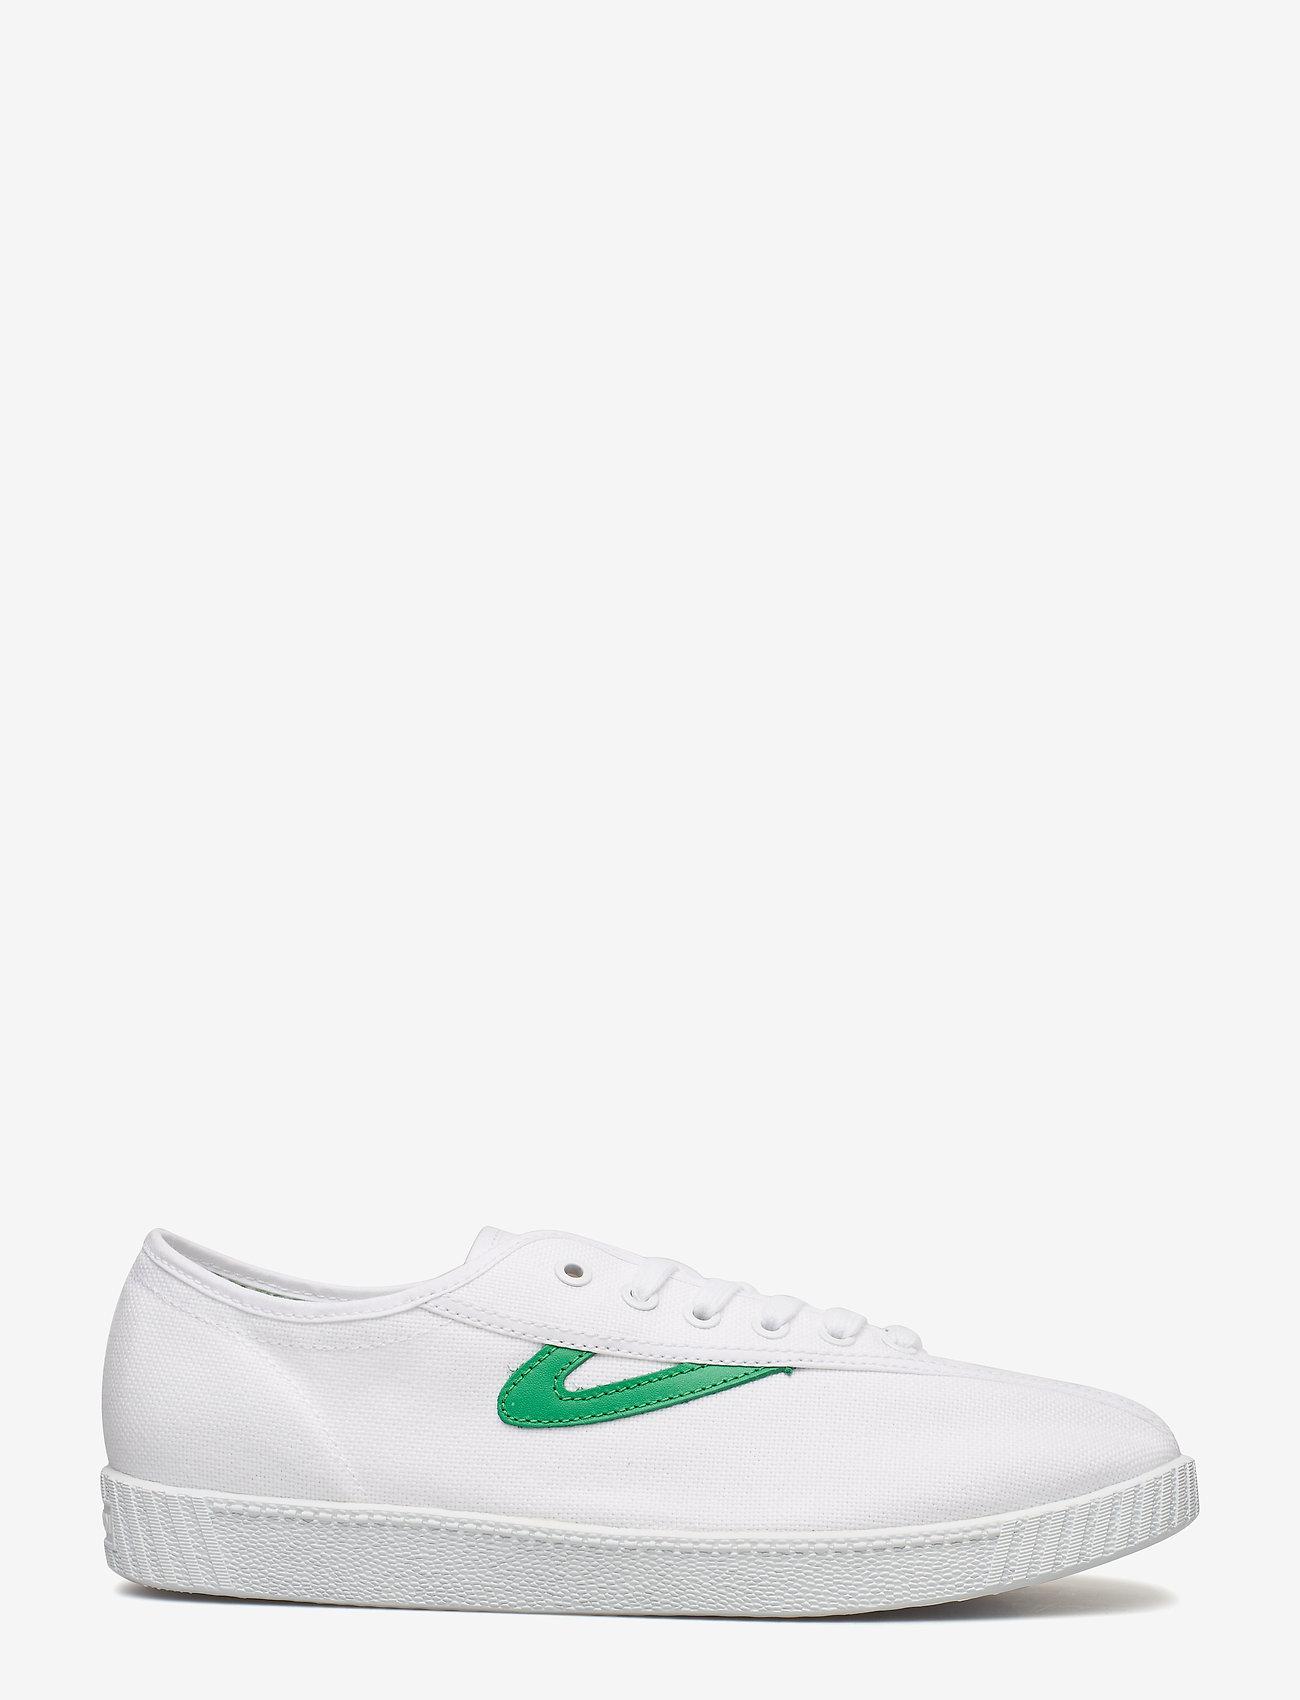 Tretorn - NYLITE - baskets basses - 029/white/green - 1